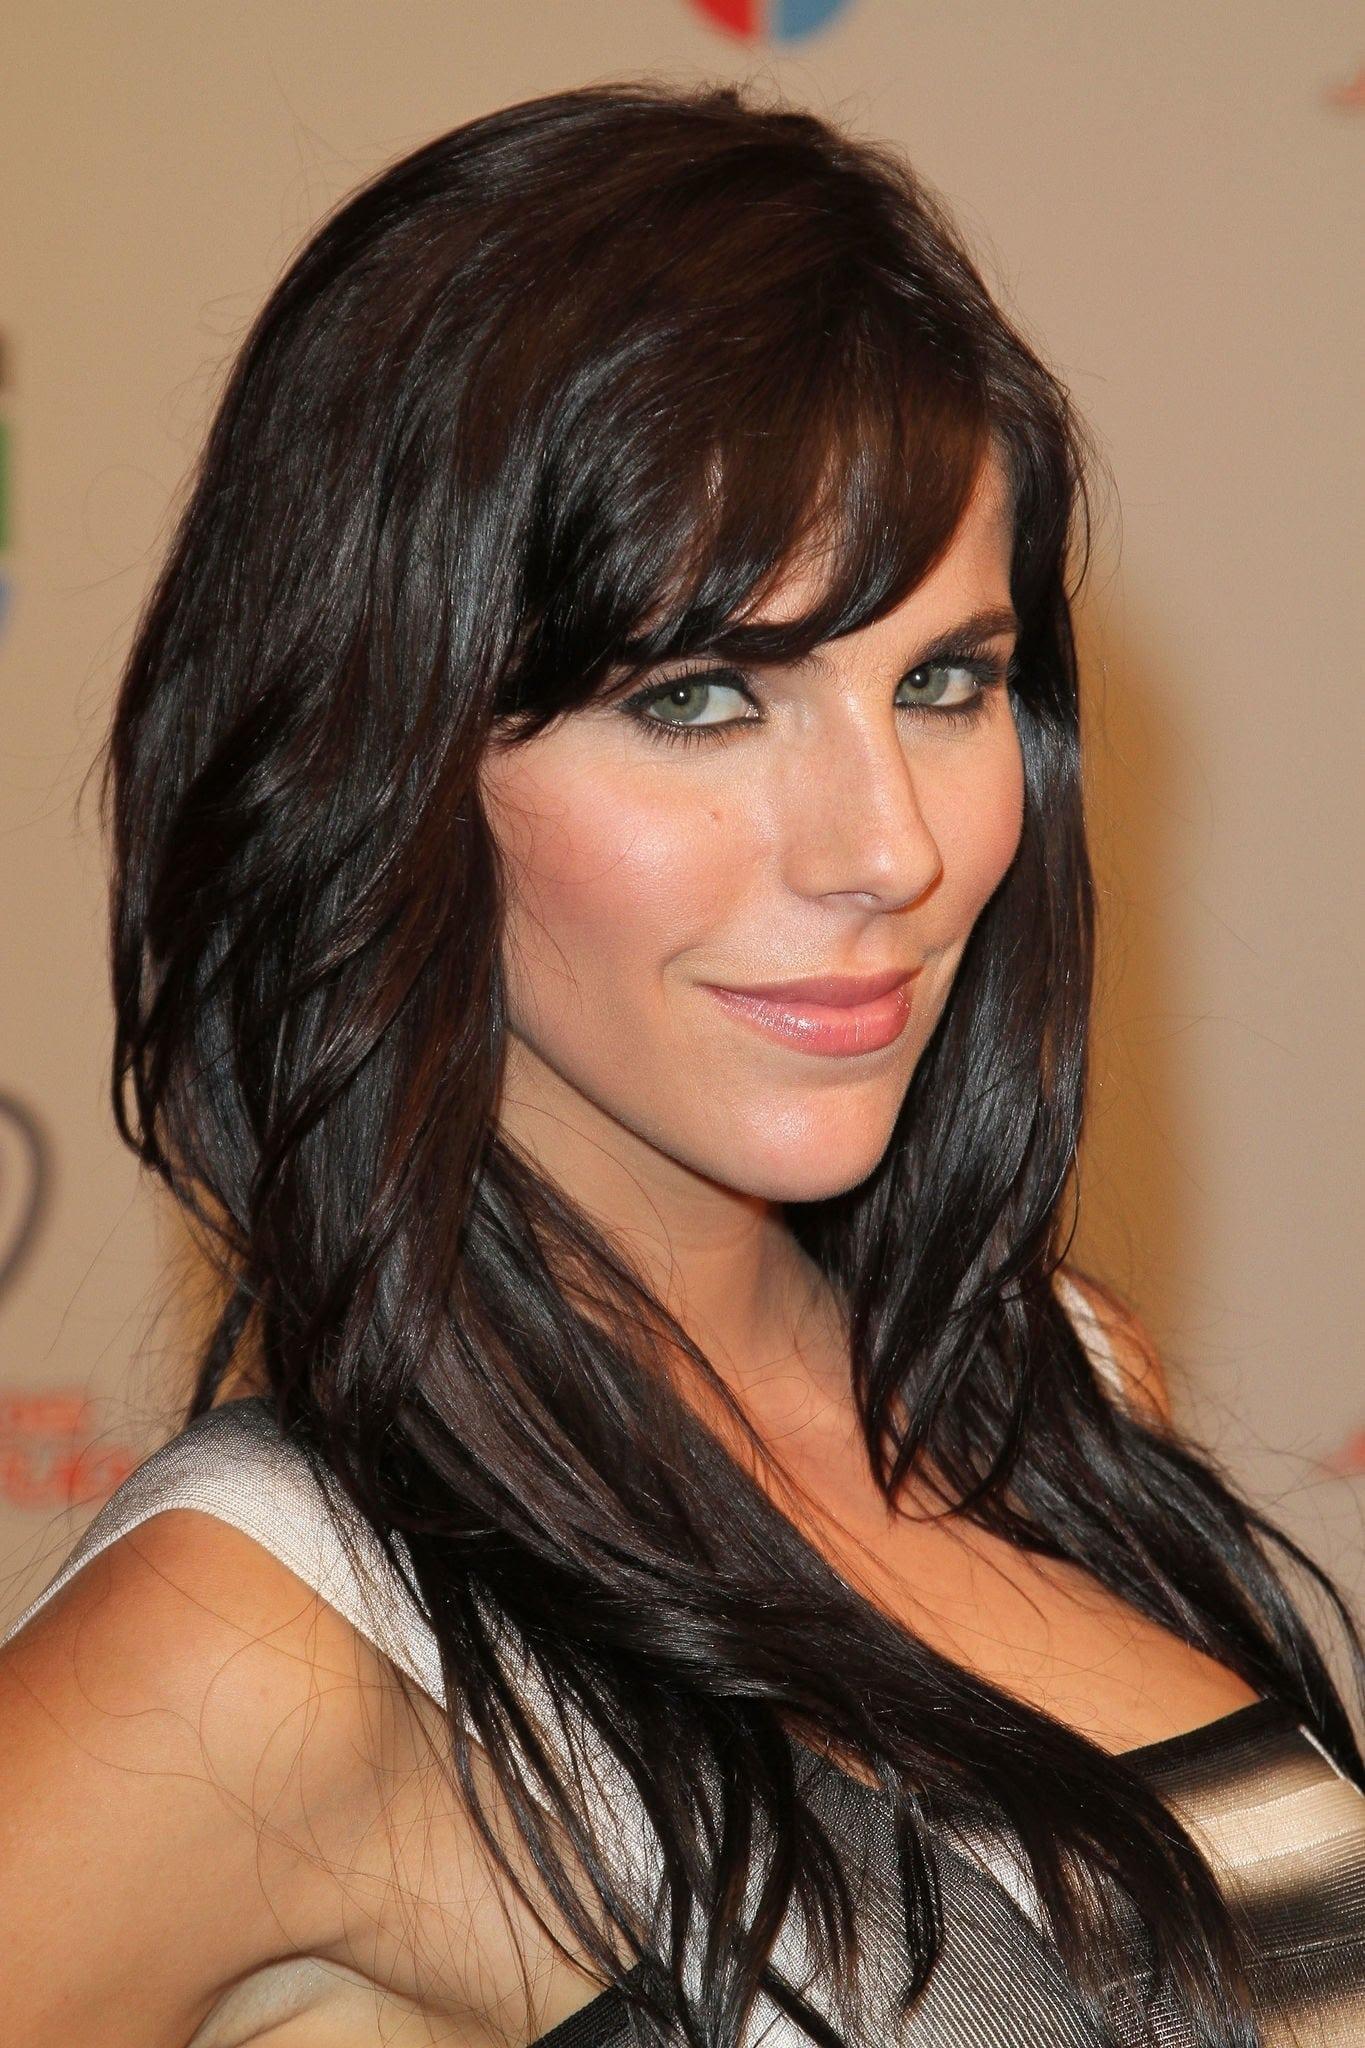 María Fernanda Yépes